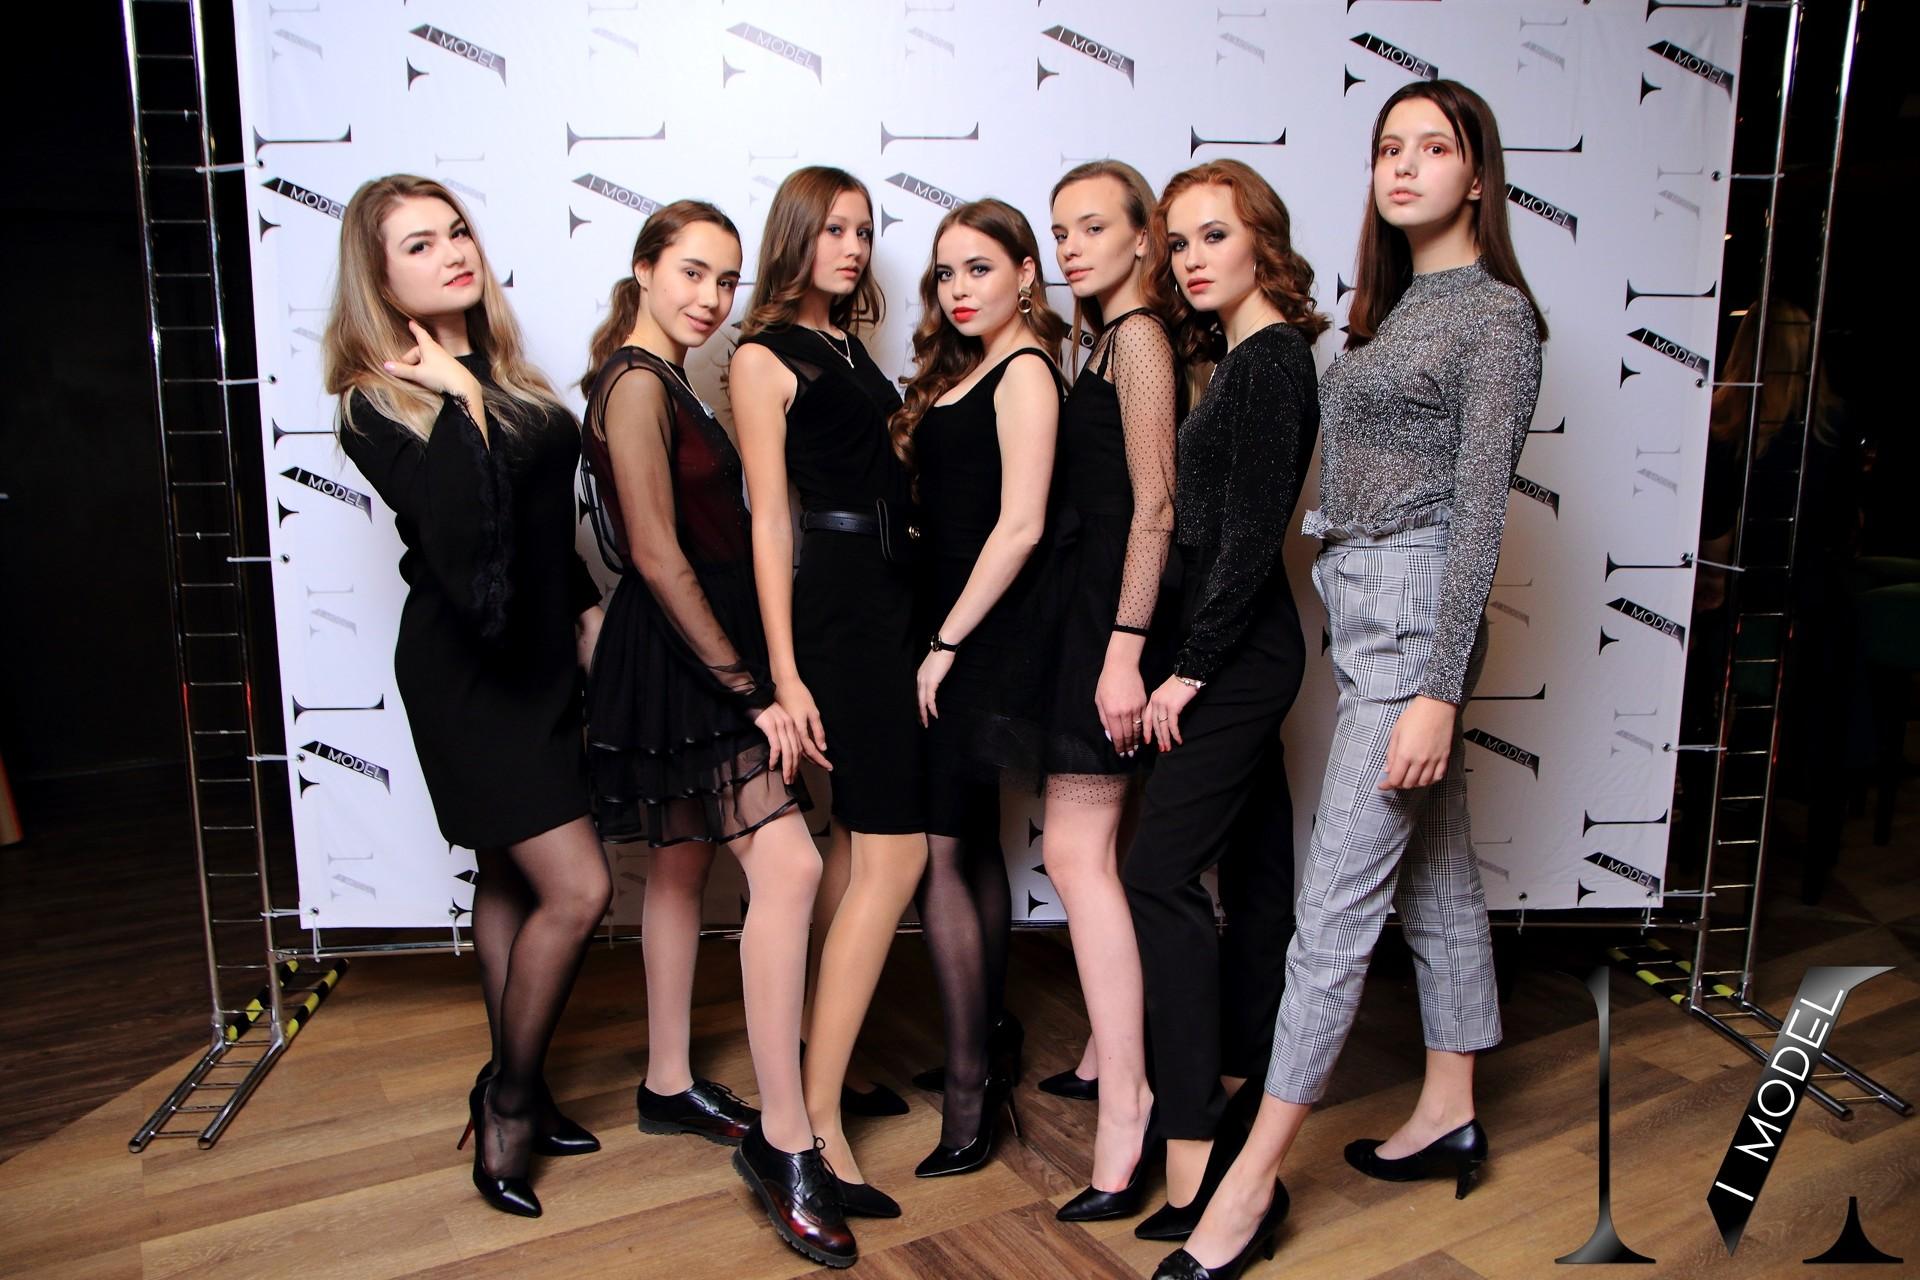 Модельное агенство кадников девушка модель мужчины работа в москве